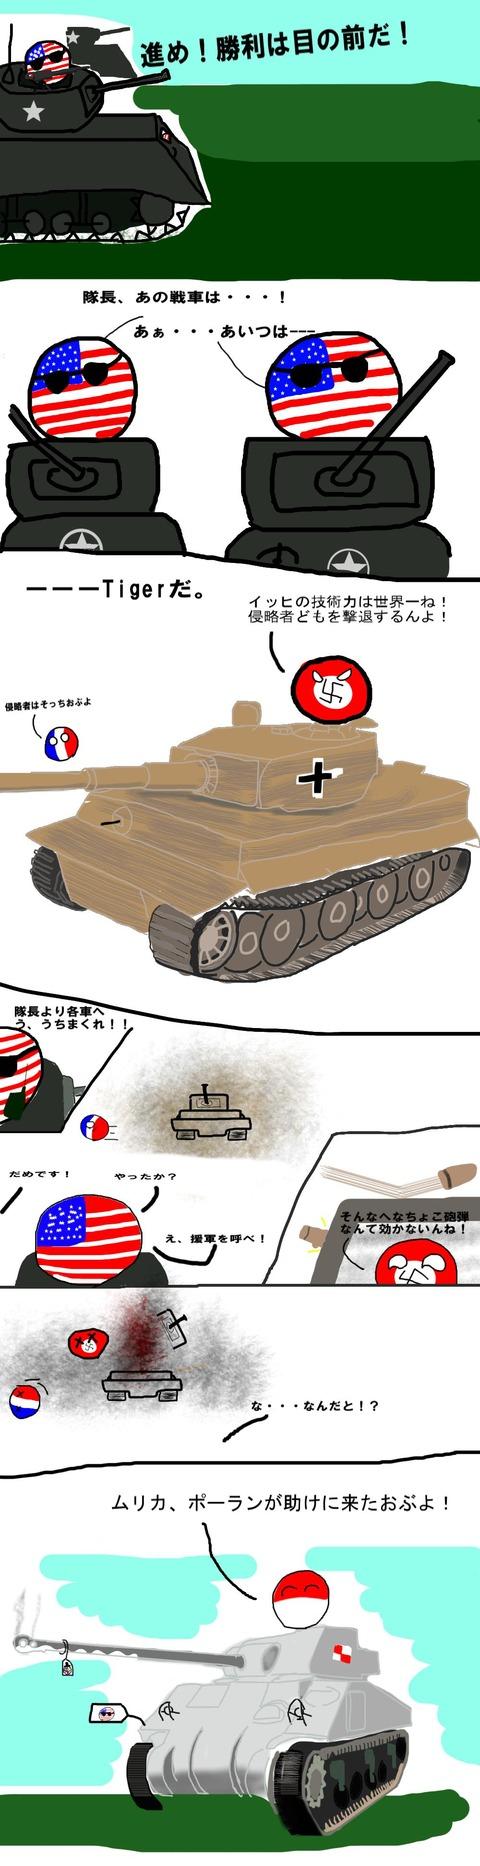 ポーランド、ムリかを助けるの巻